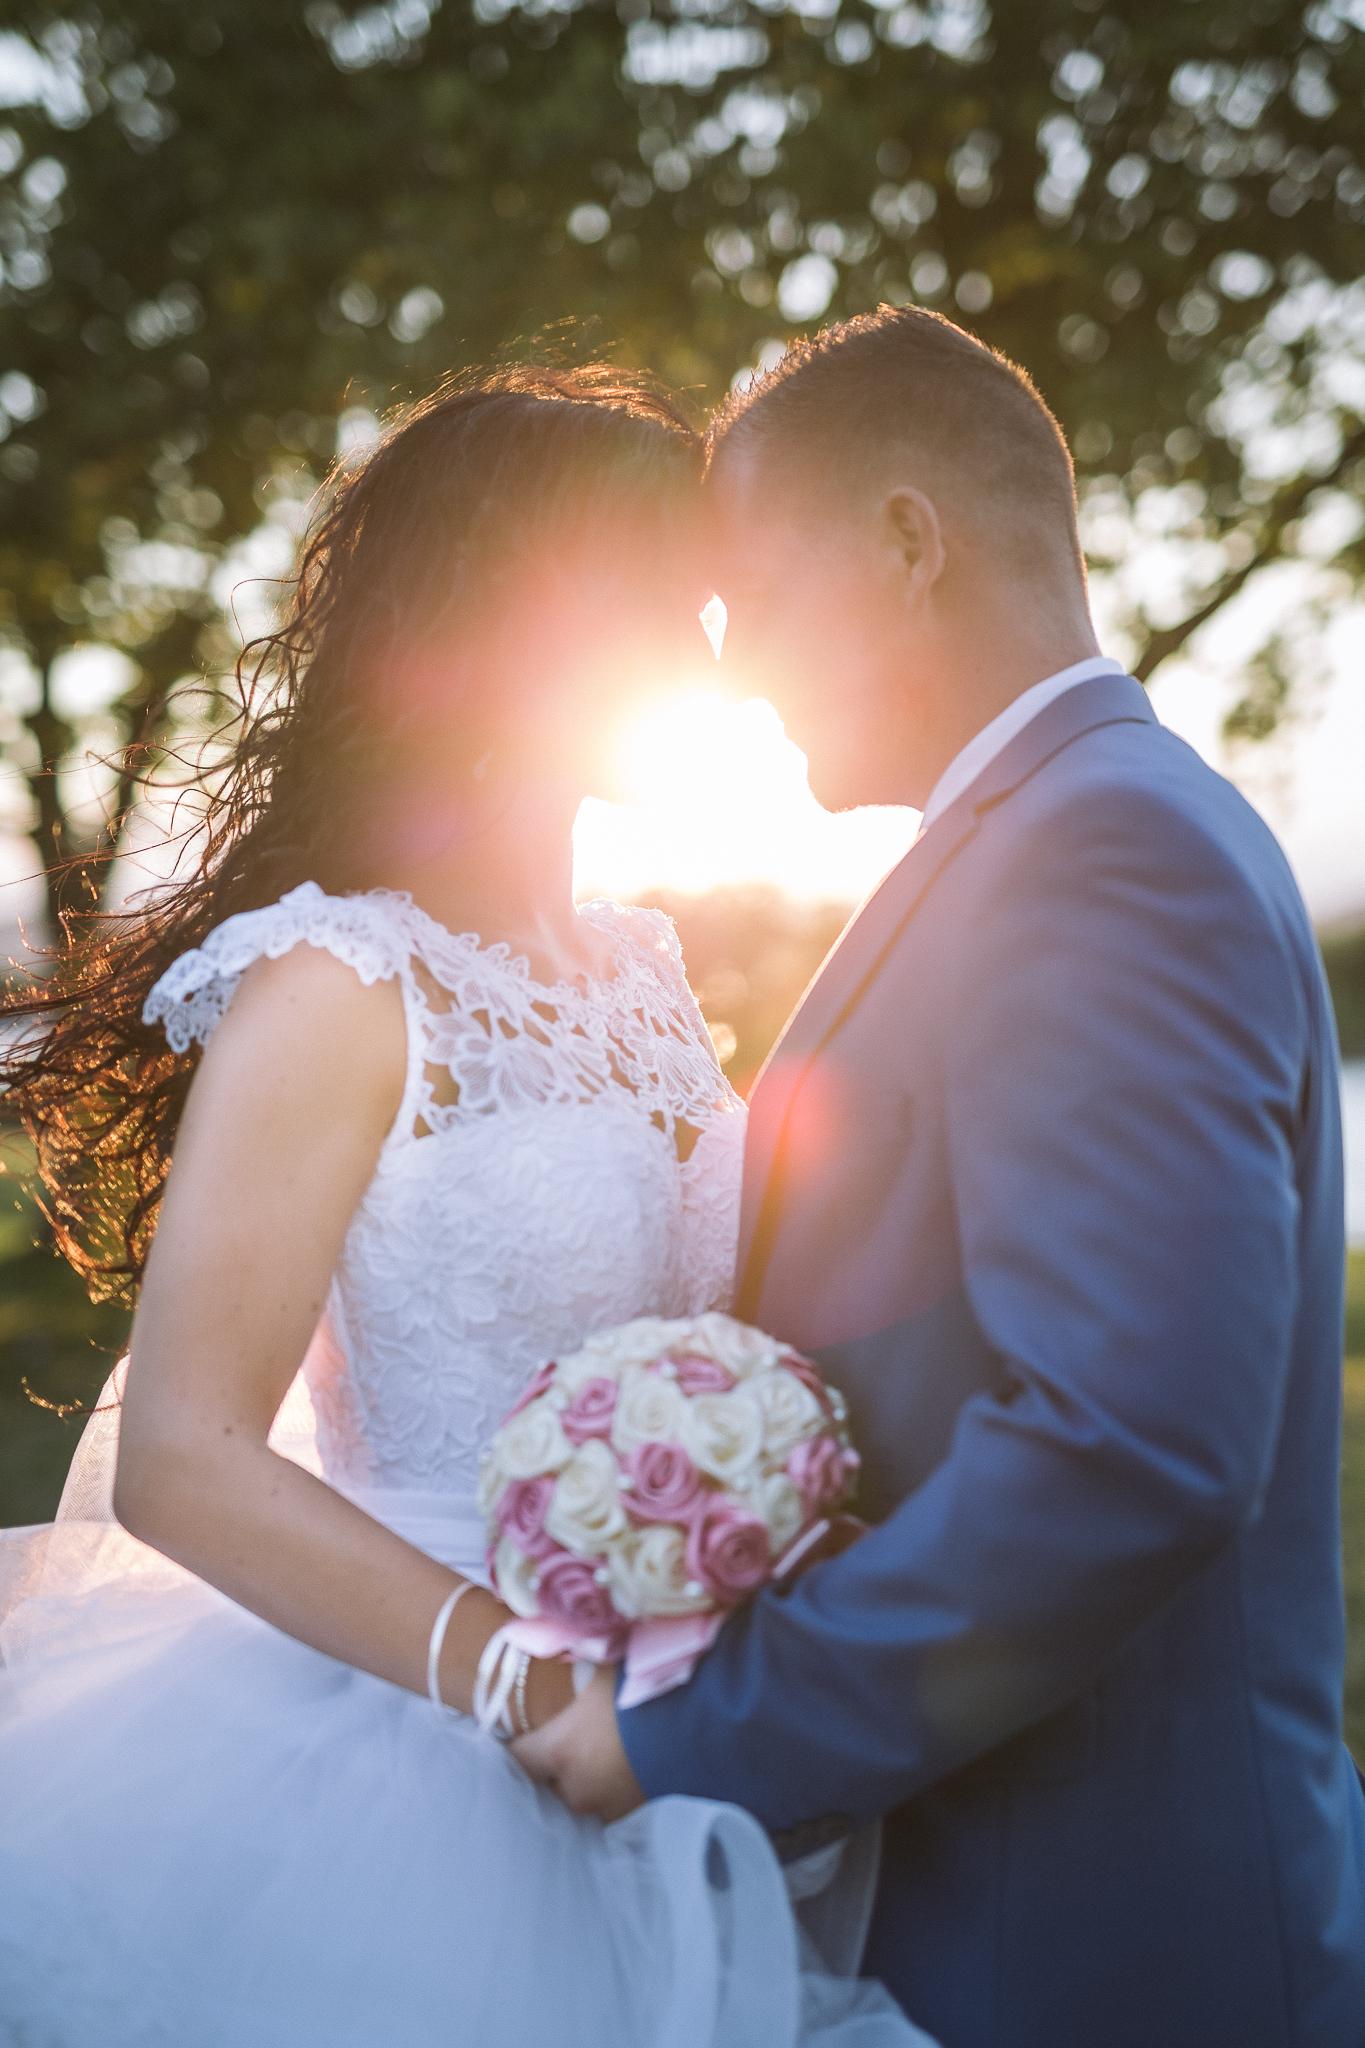 FylepPhoto, esküvőfotózás, magyarország, esküvői fotós, vasmegye, prémium, jegyesfotózás, Fülöp Péter, körmend, kreatív 2.jpg